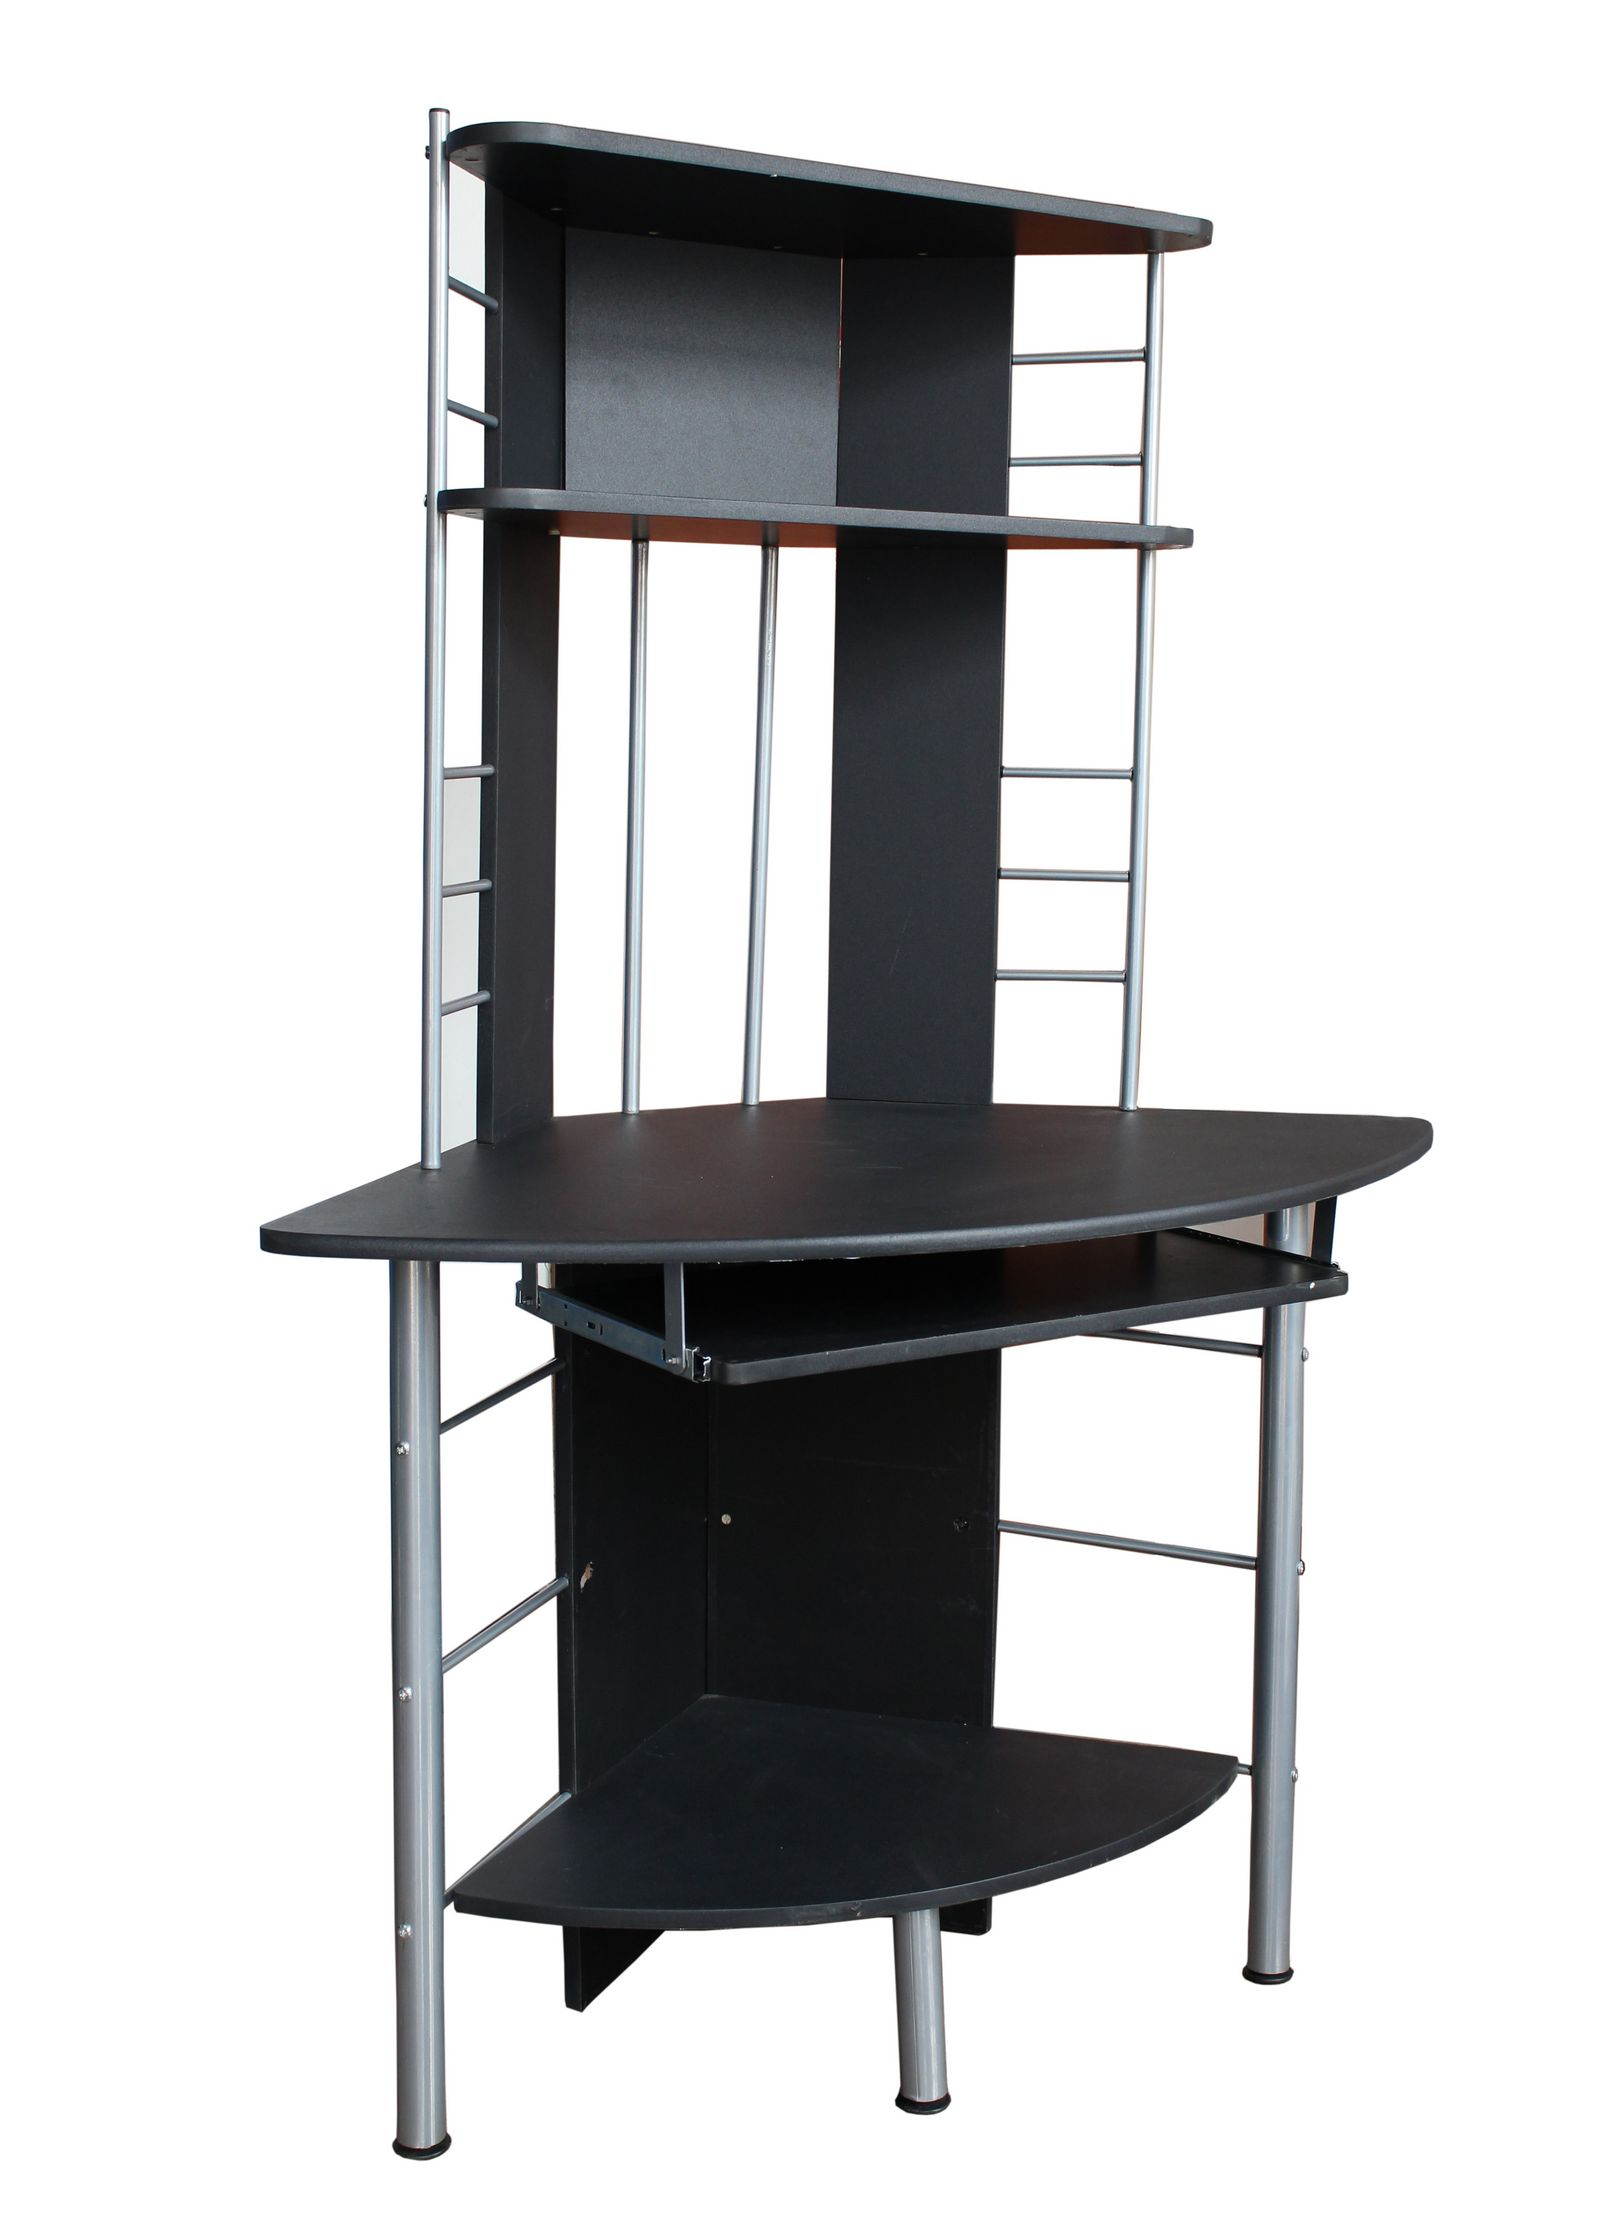 heim b ro computer schreibtisch schwarz pc arbeitsplatz m bel eckm bel 017 ebay. Black Bedroom Furniture Sets. Home Design Ideas